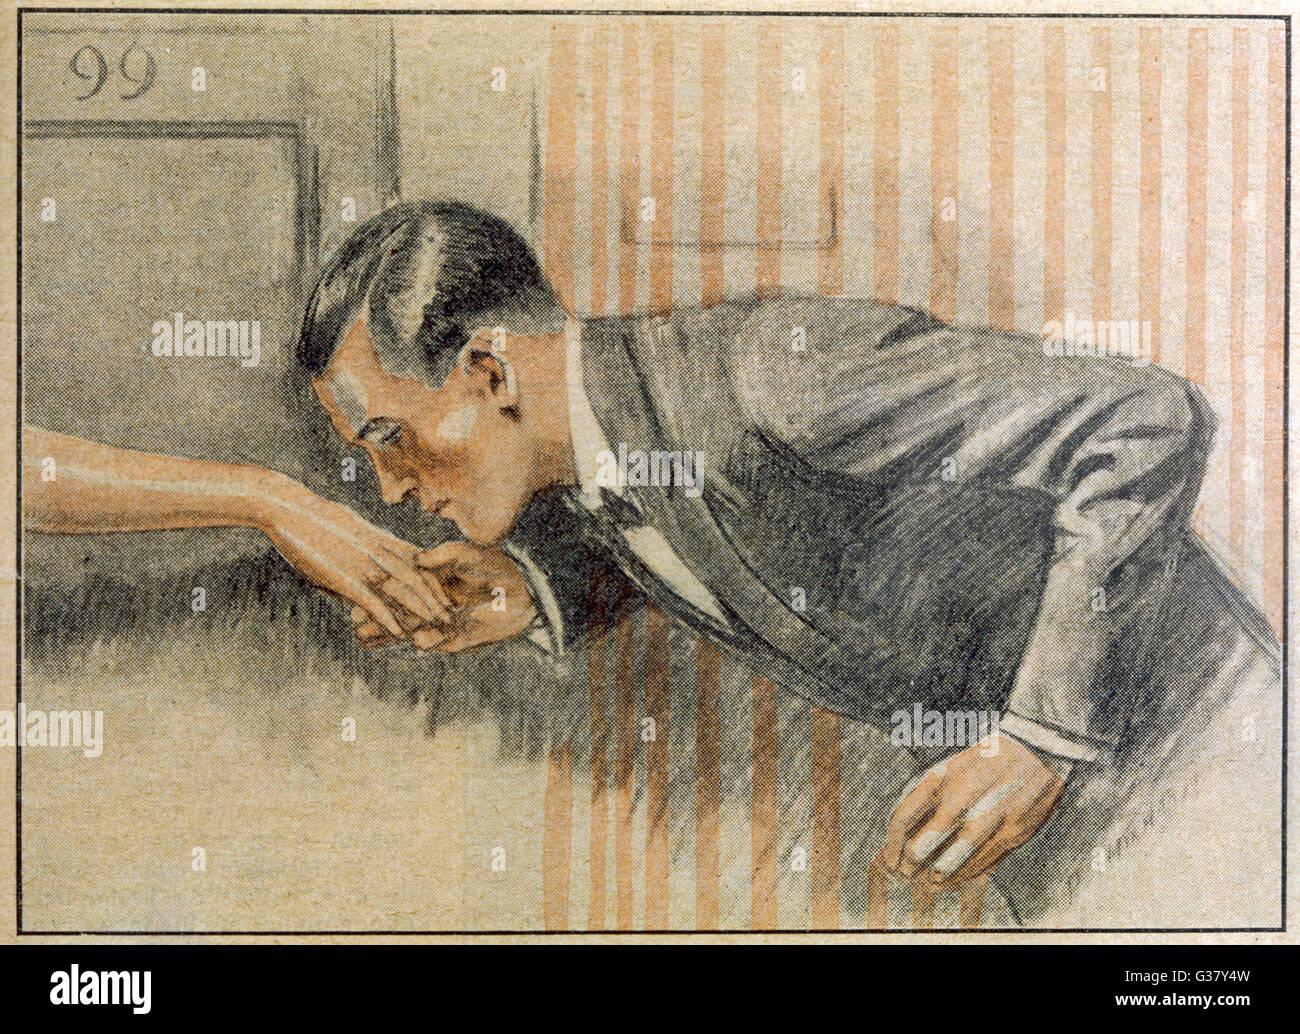 Besa los dedos extendidos. Fecha: 1927 Imagen De Stock